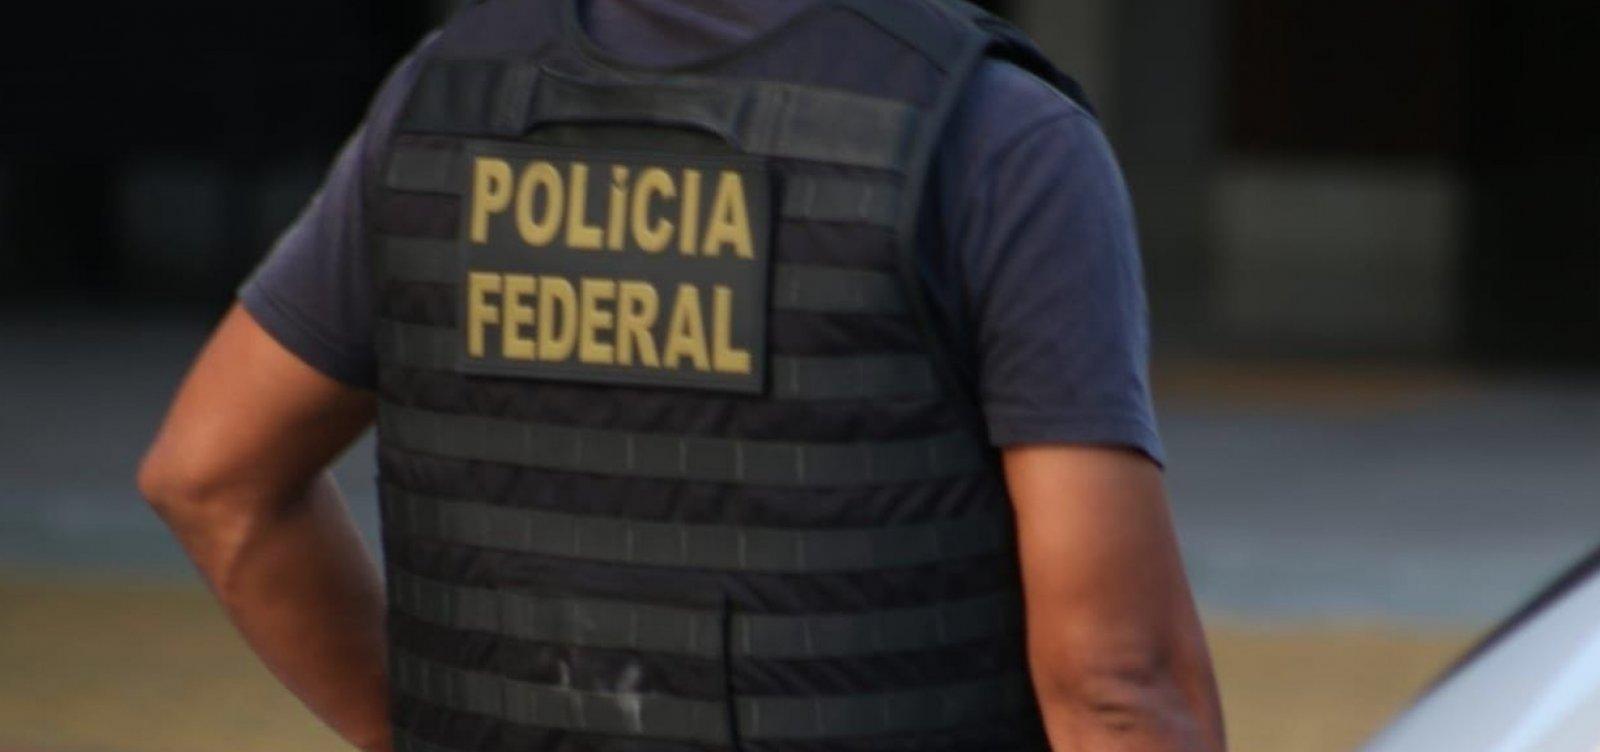 PF conduz 43 suspeitos de crimes eleitorais